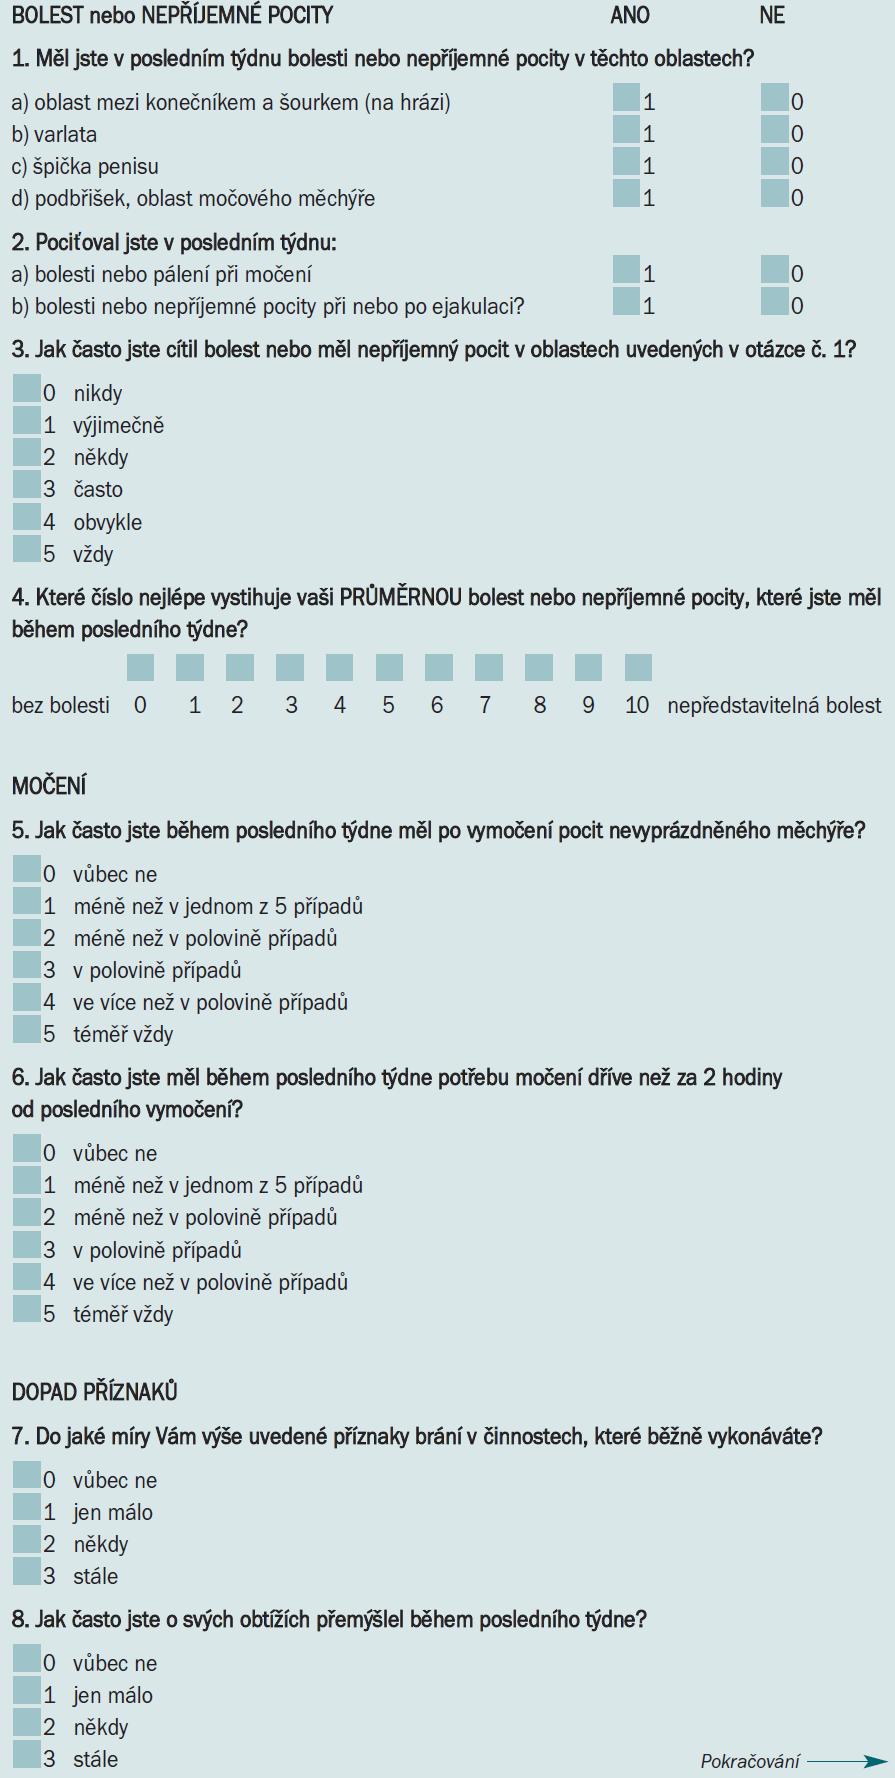 Dotazník NIH - Chronic Symptom Index (NIH - CPSI).